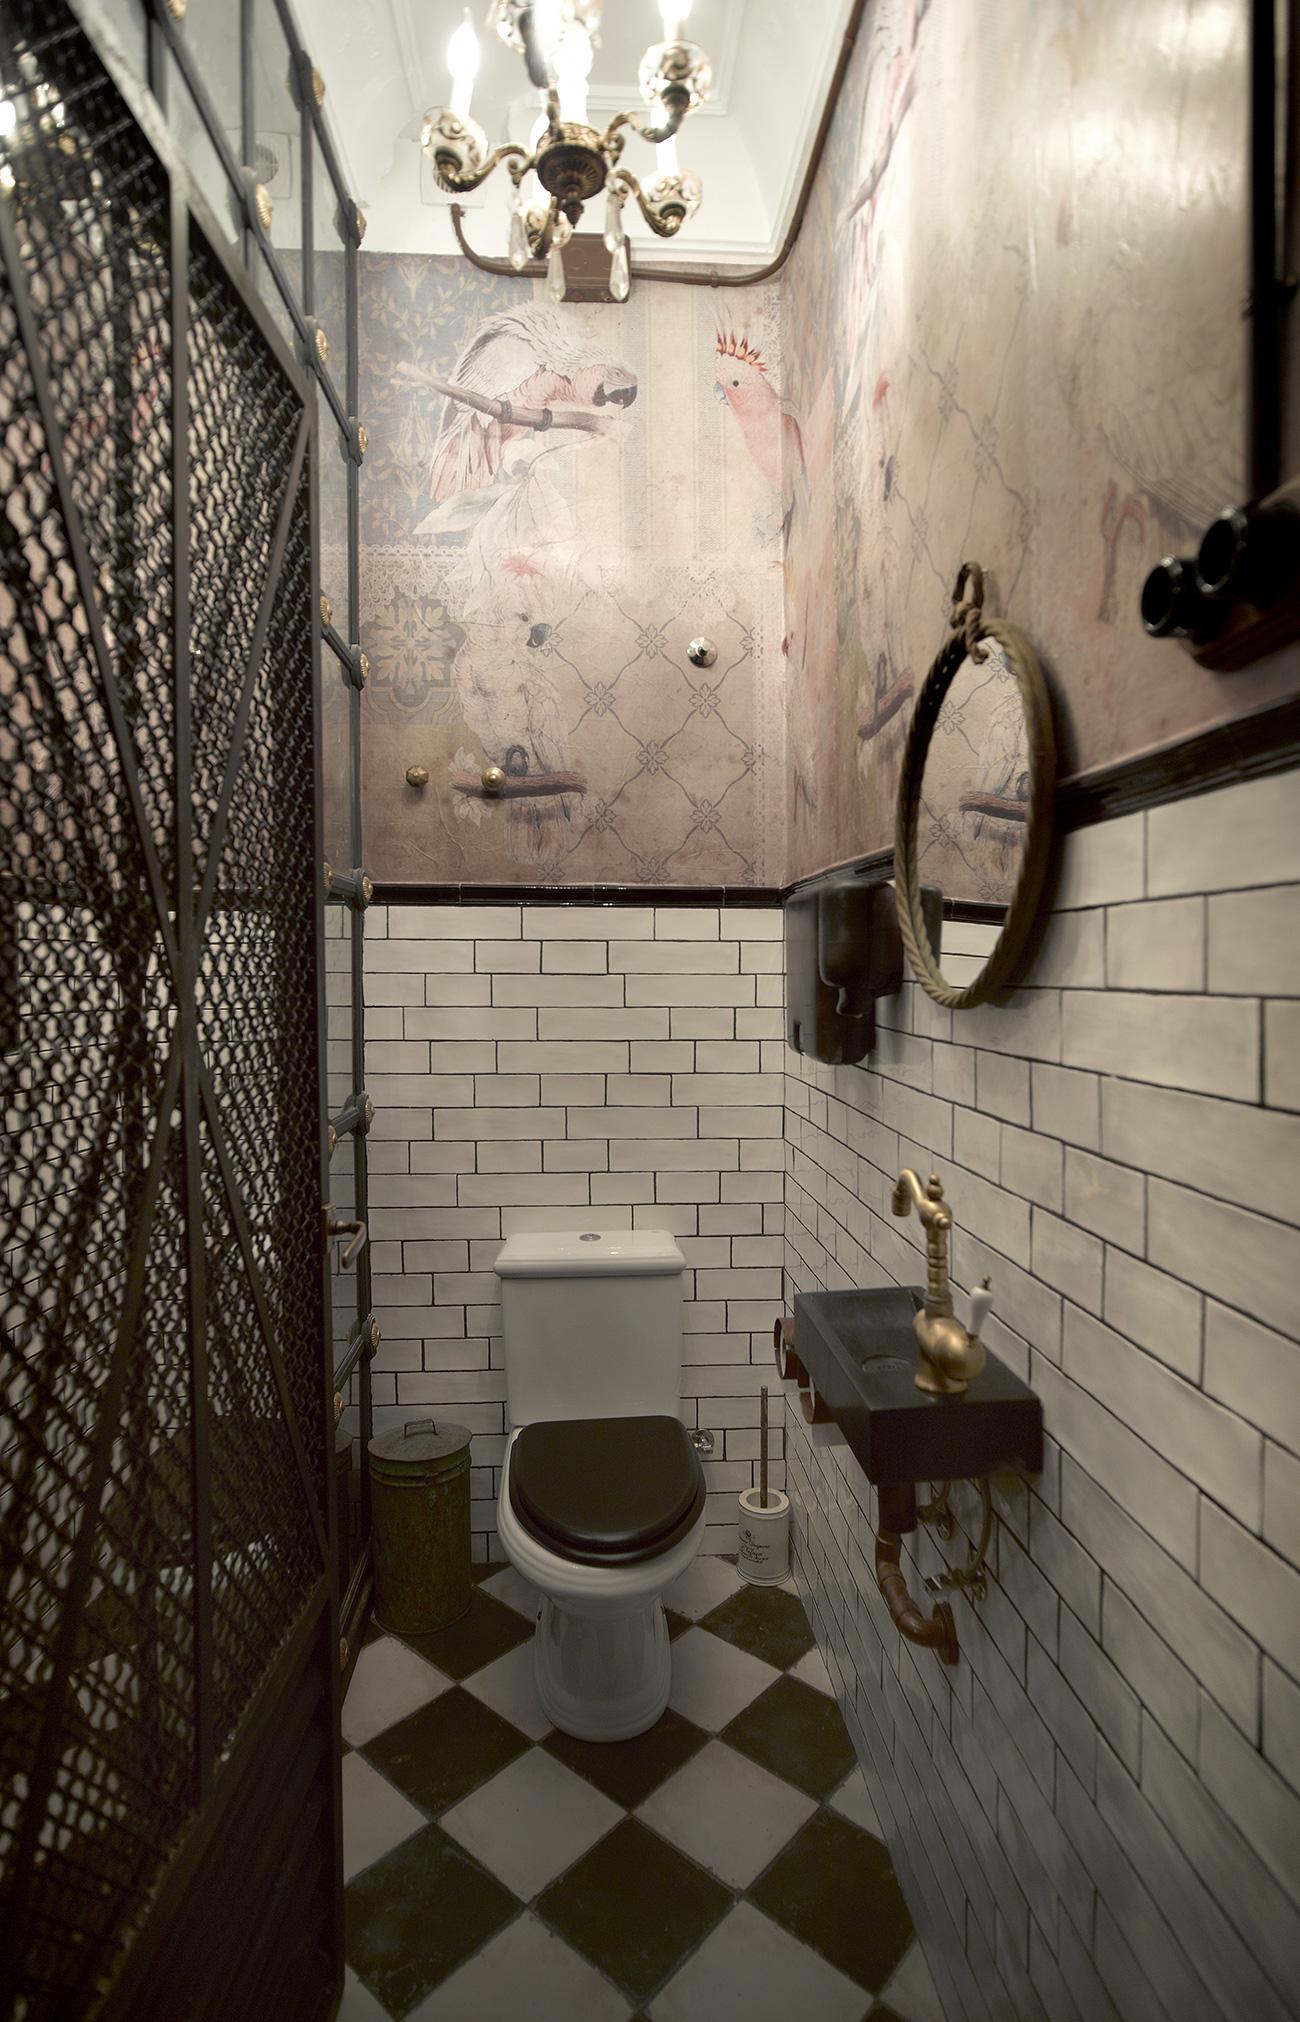 Imágenes de los baños vintage en N5.